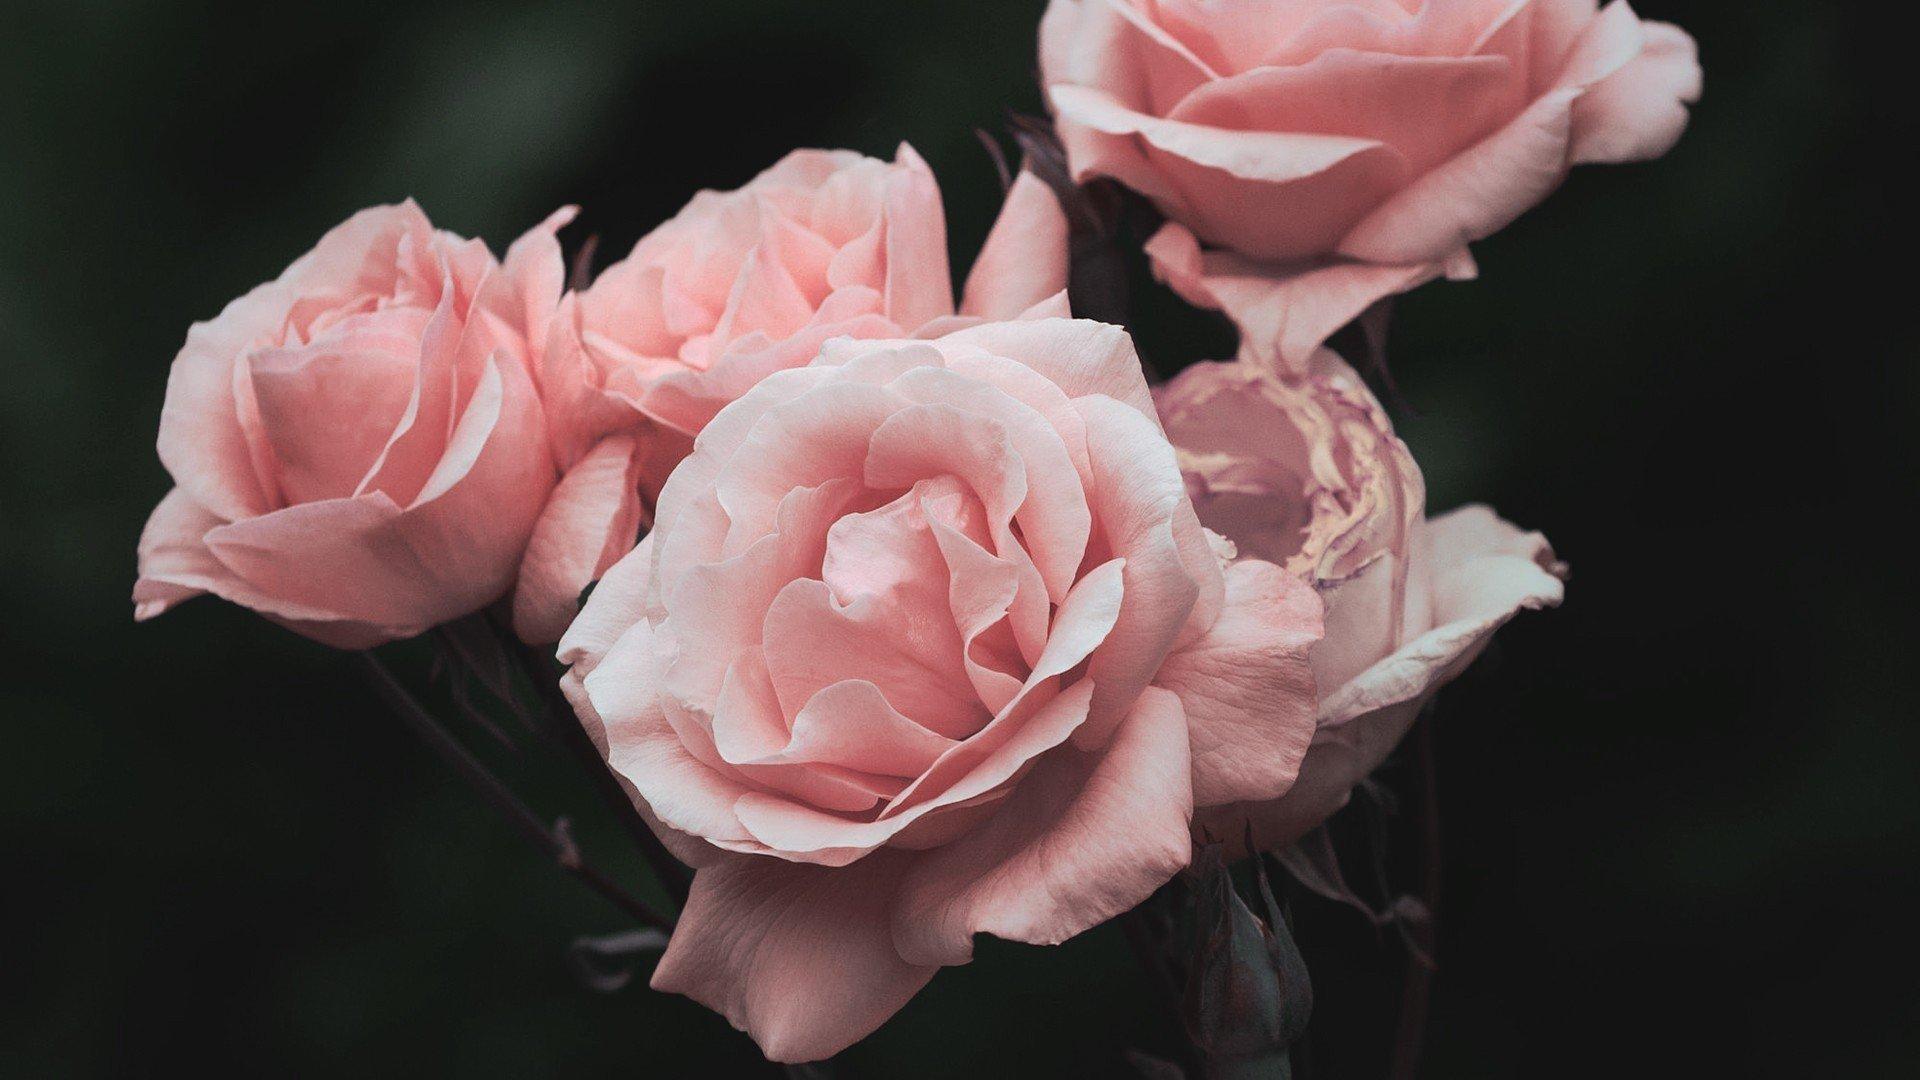 Aesthetic Rose Wallpaper Pic